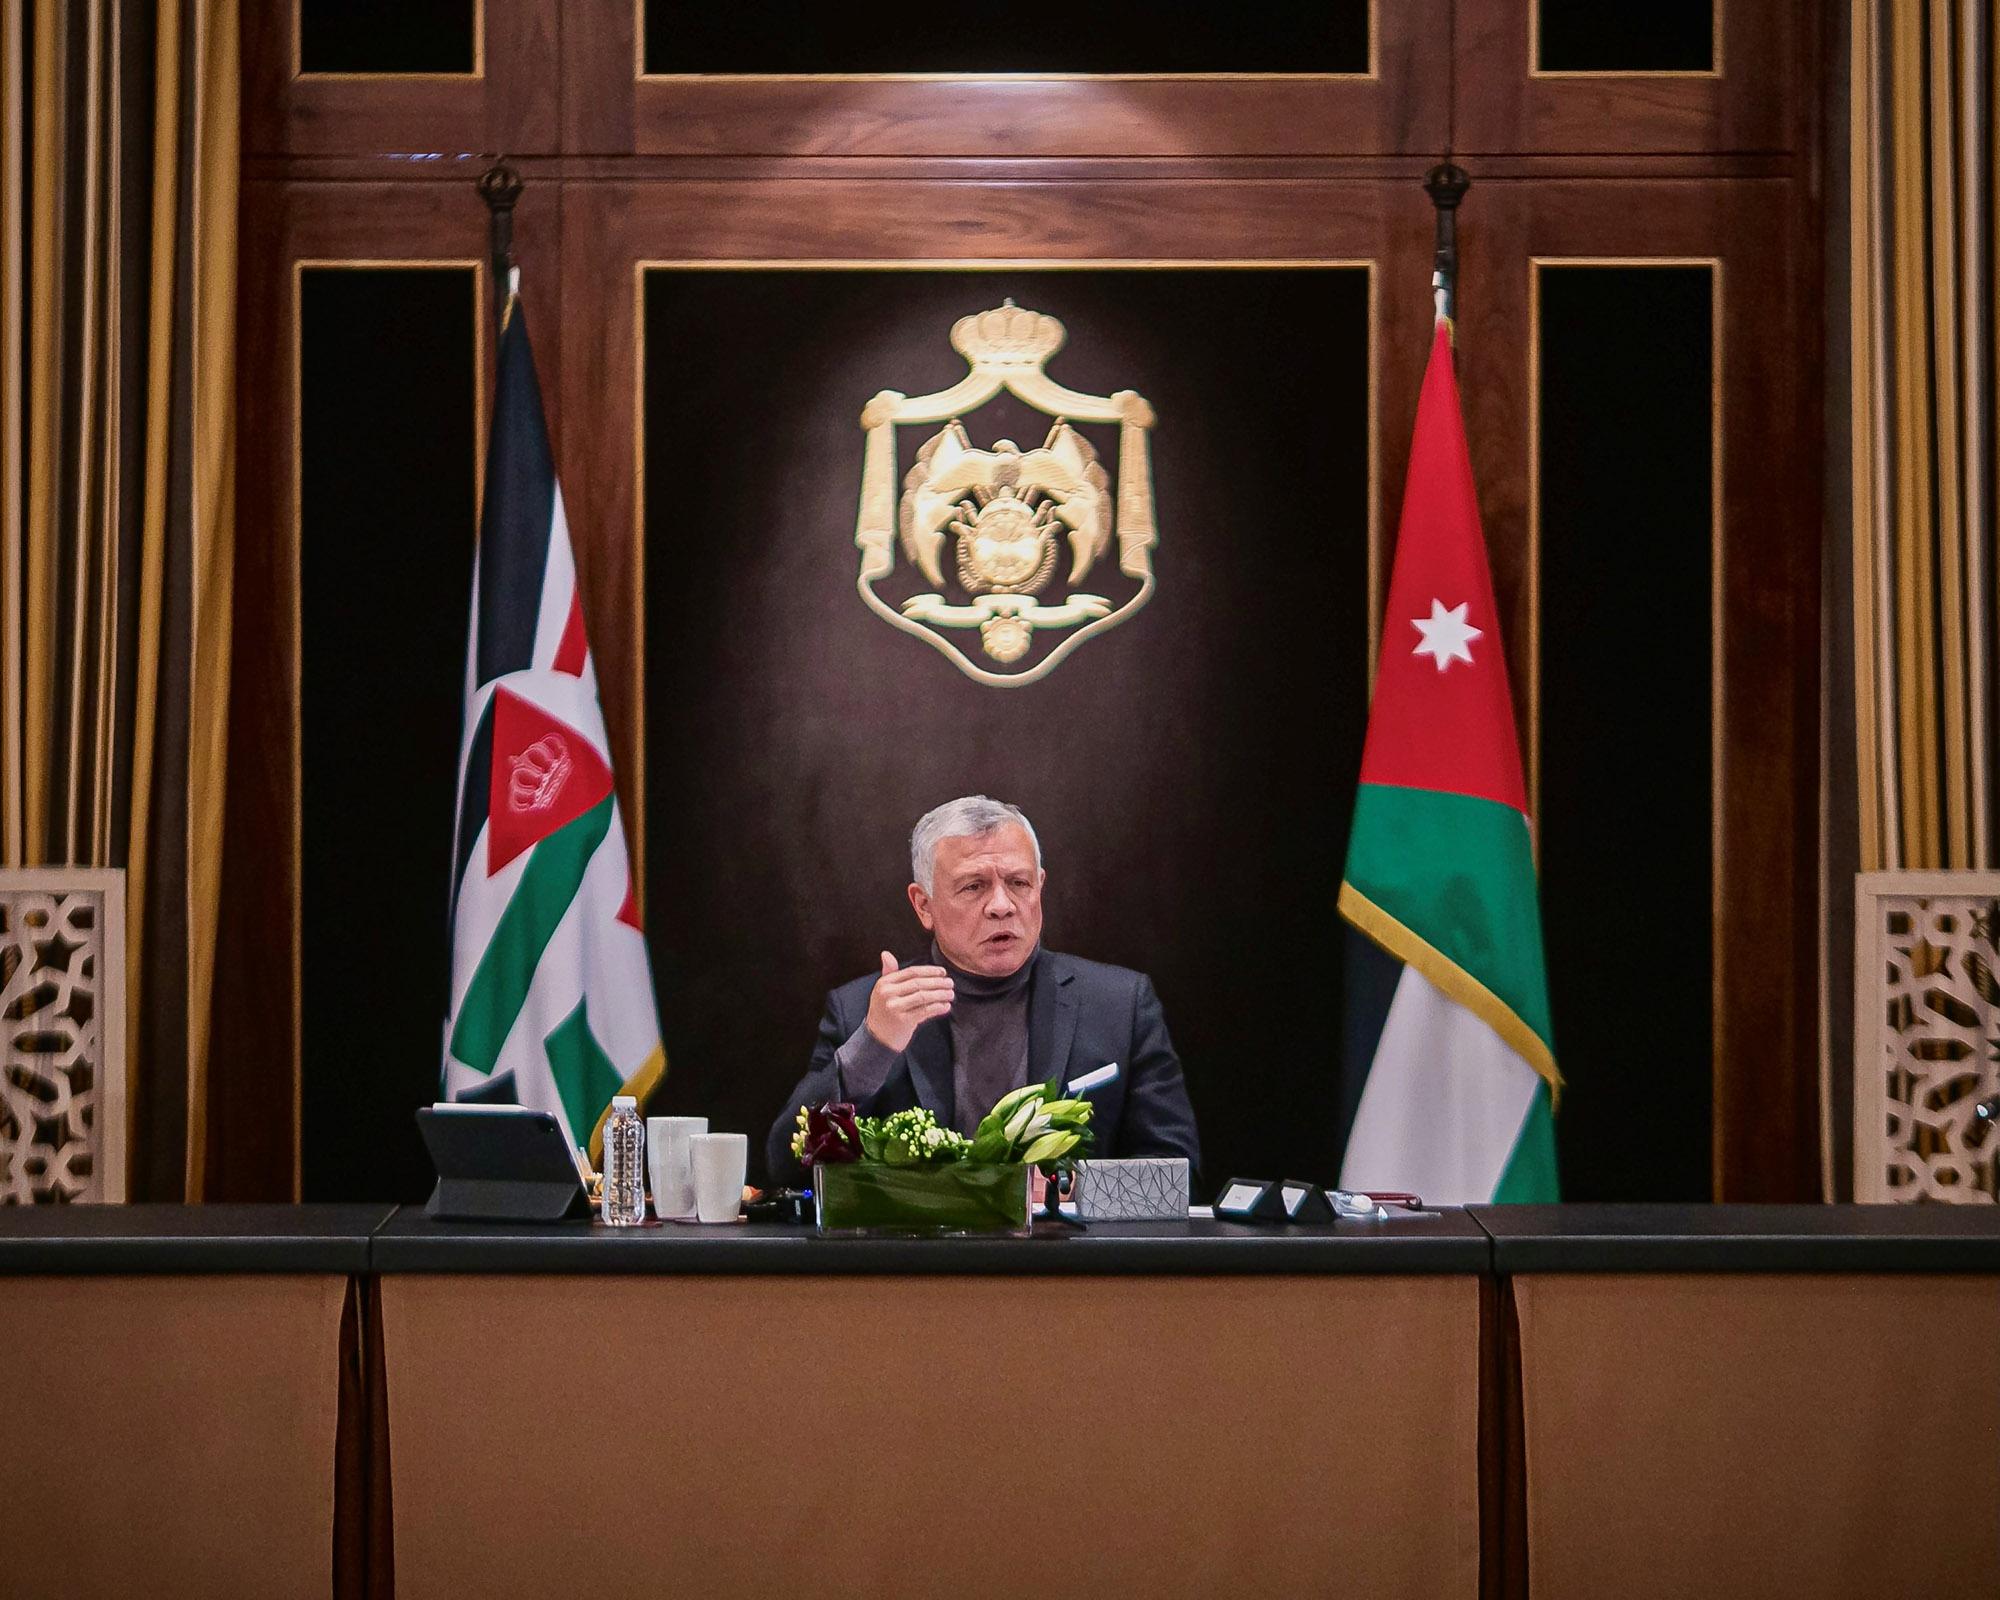 جلالة الملك يلتقي رئيسي مجلسي الأعيان والنواب وأعضاء المكتبين الدائمين في المجلسين